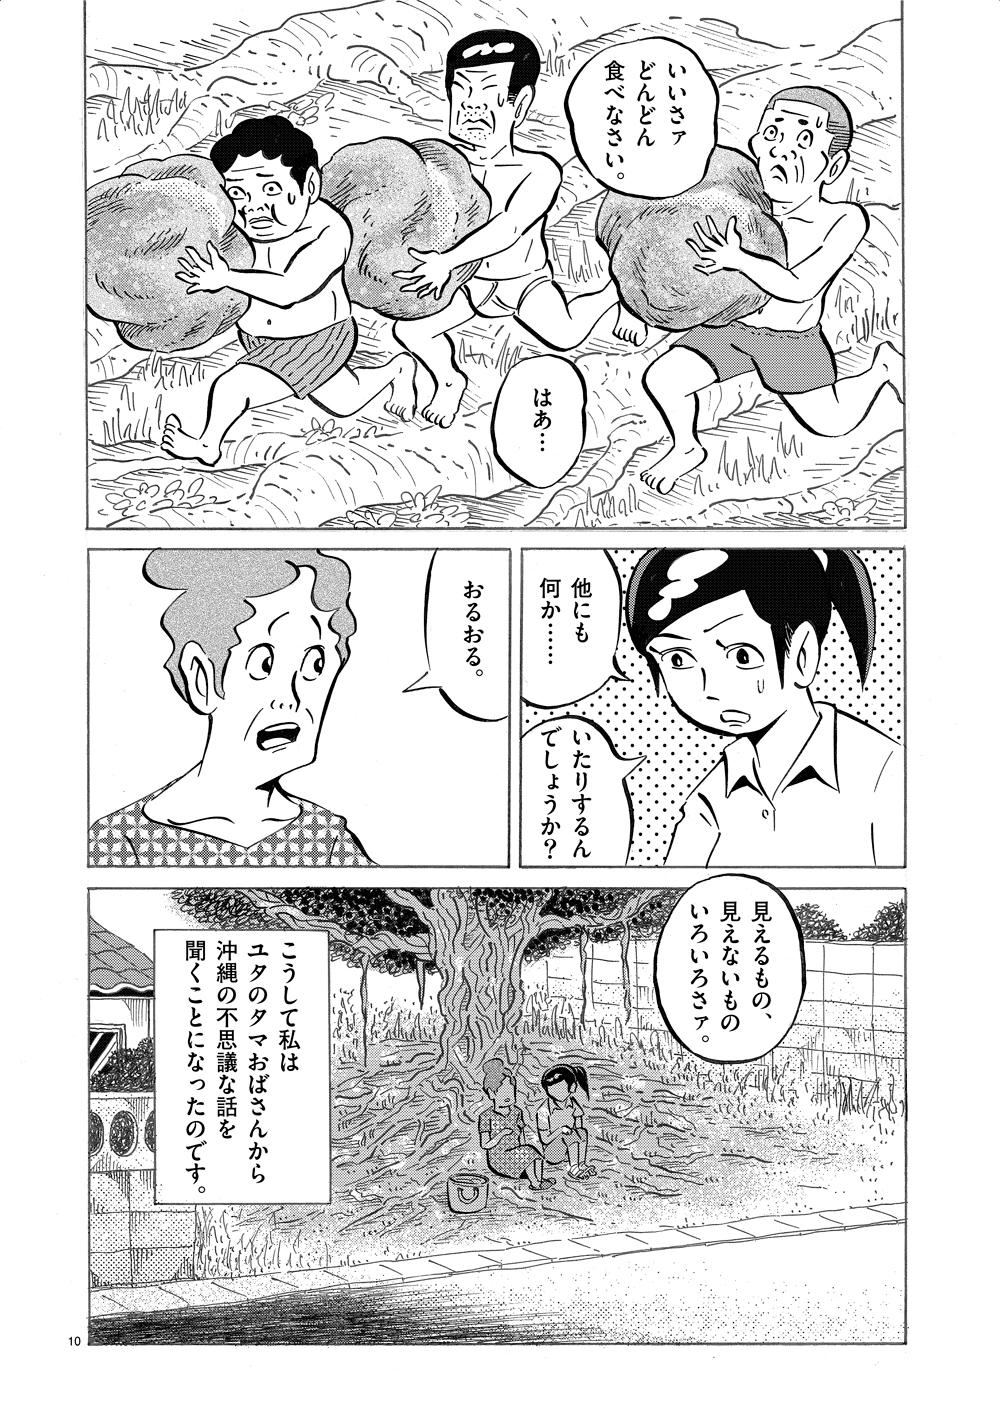 琉球怪談 【第1話】WEB掲載10ページ目画像